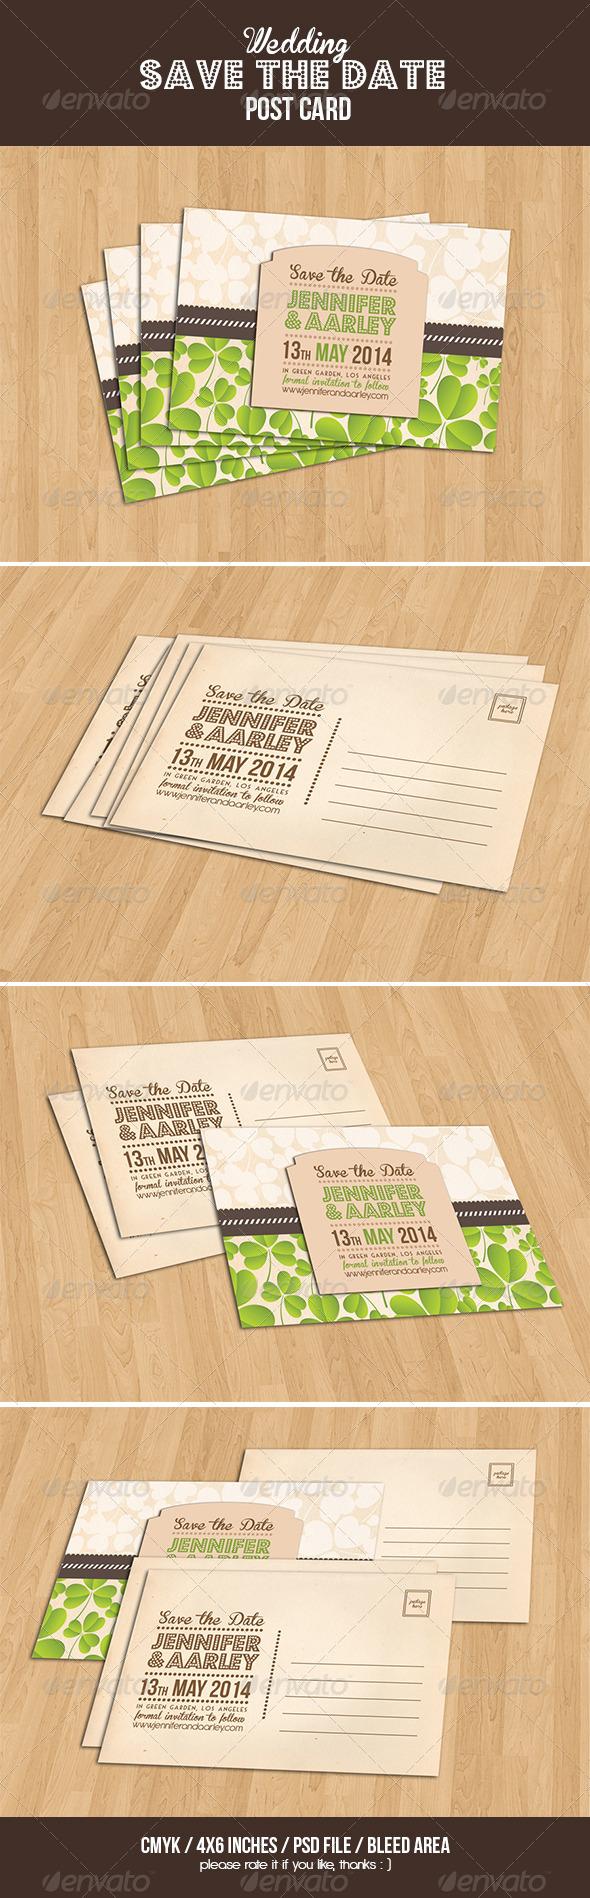 GraphicRiver Wedding Invitation Post Card 6581719